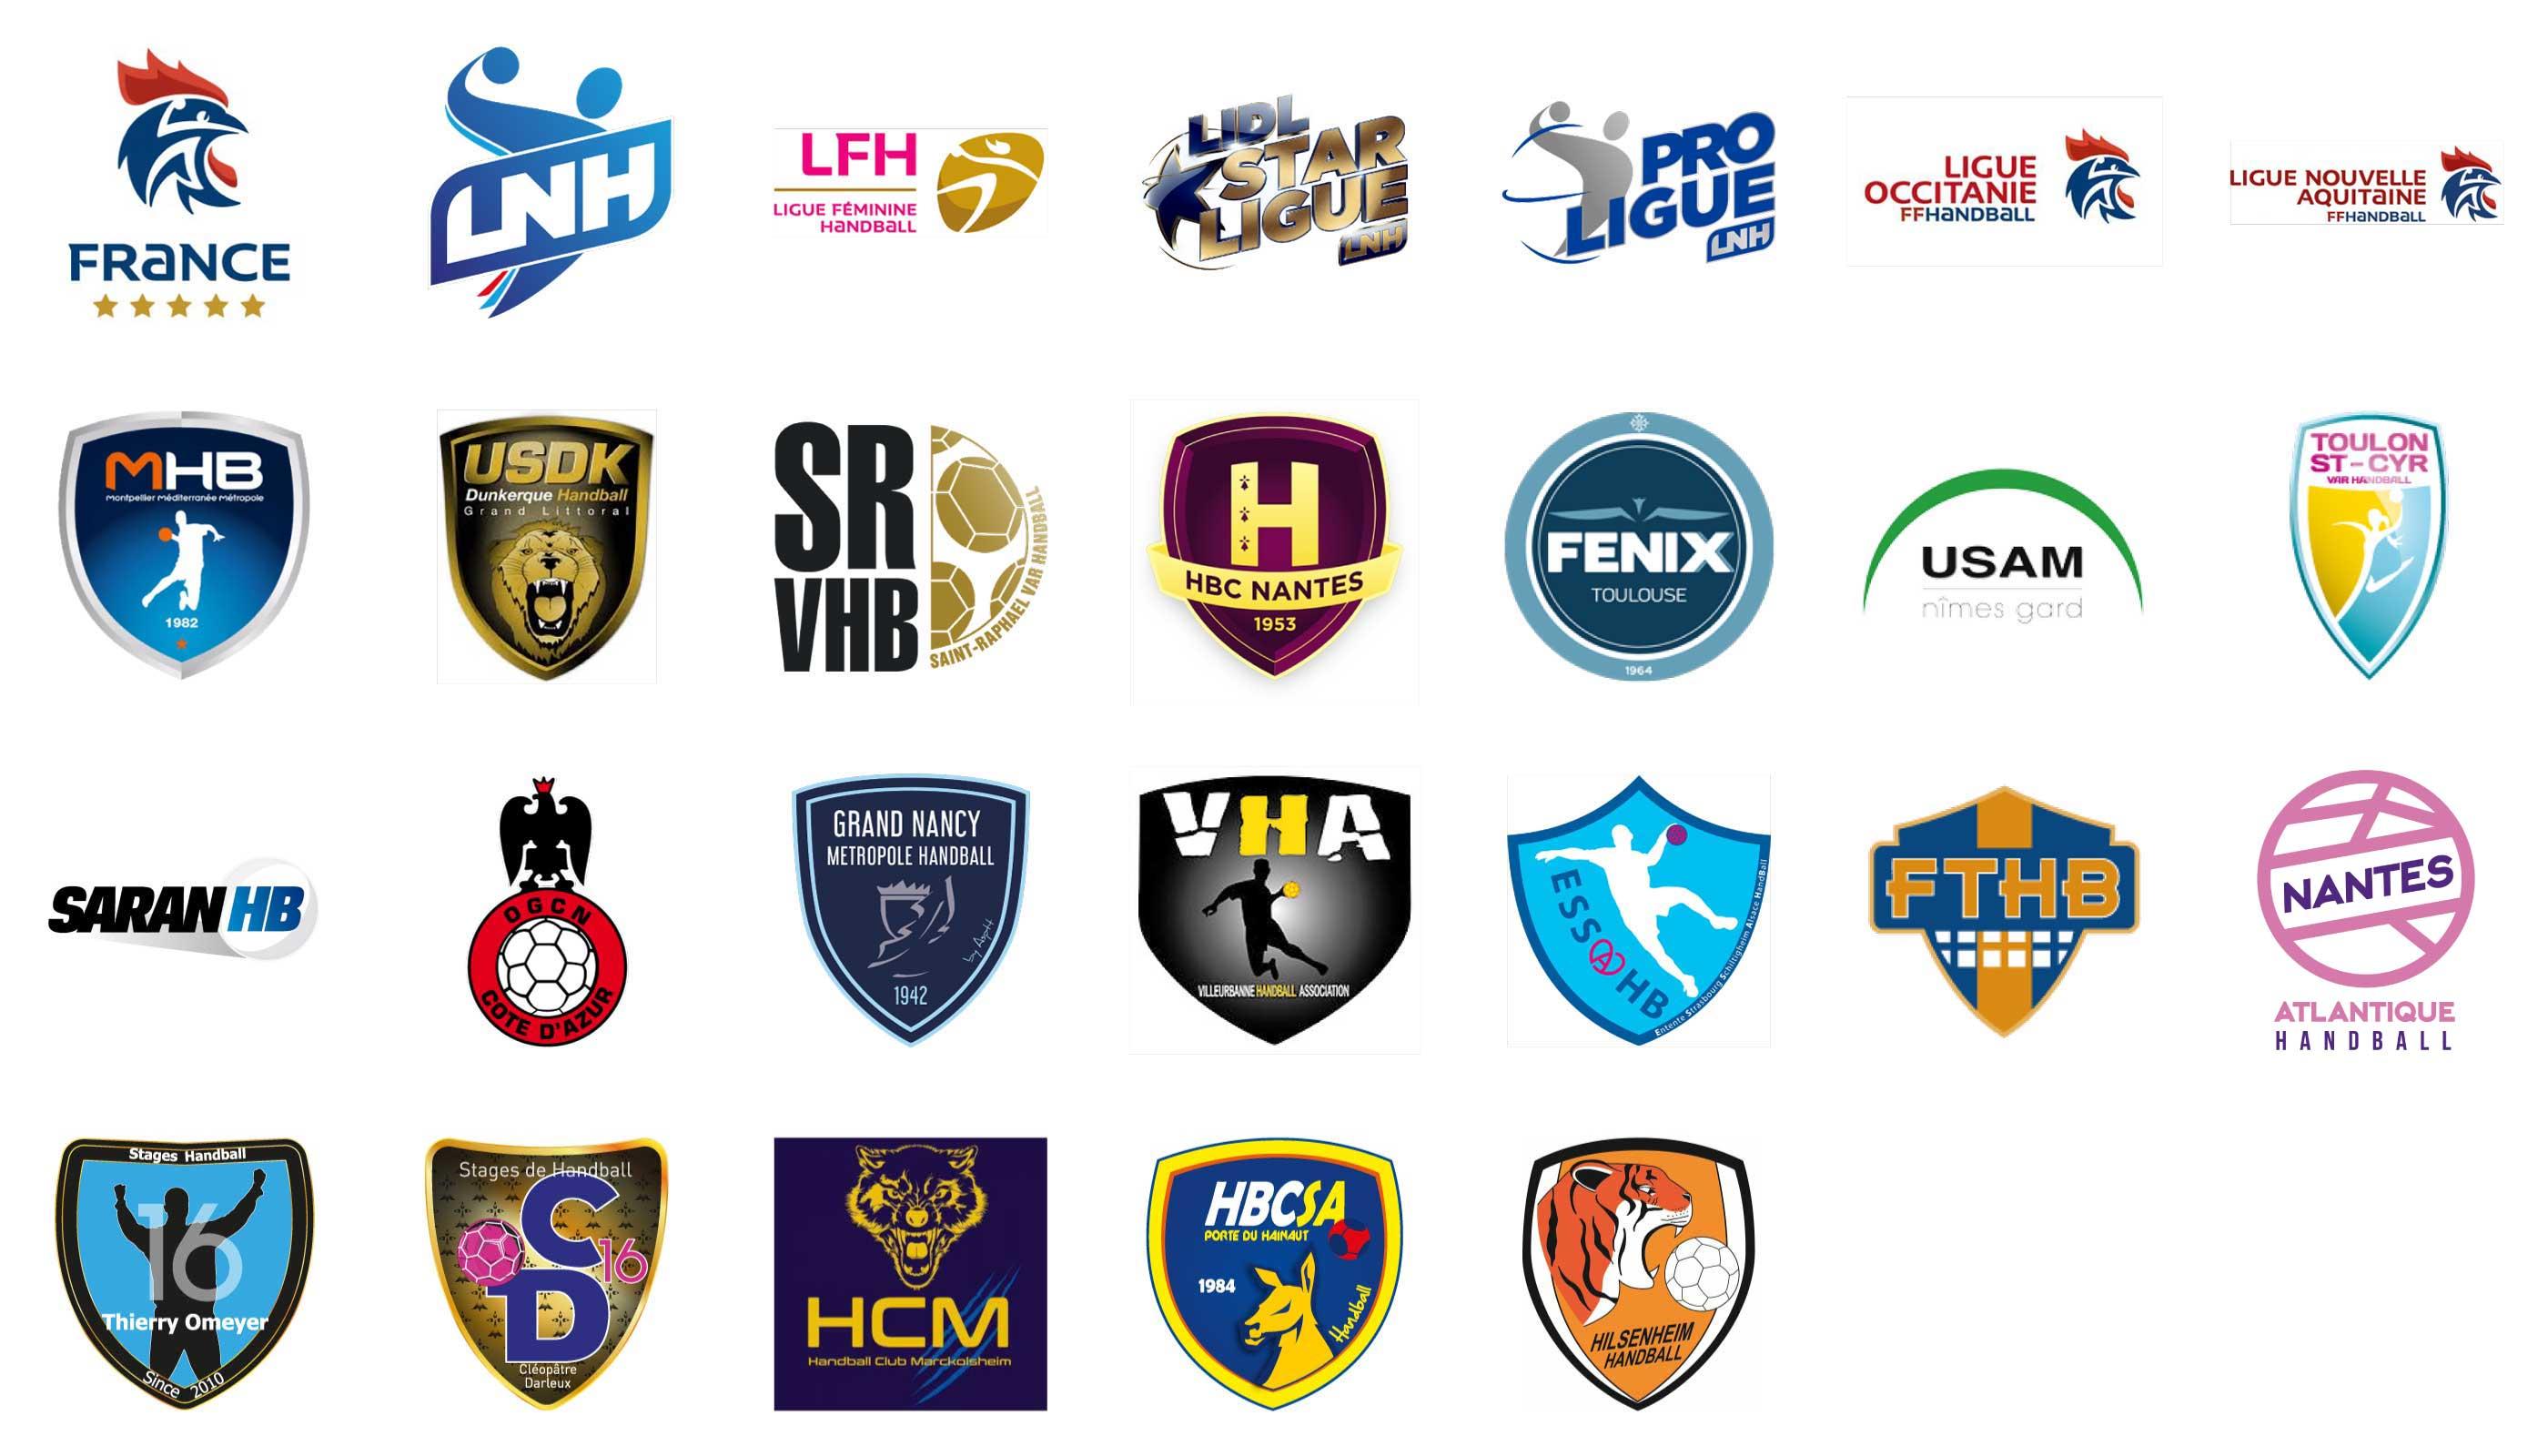 Nakara Sport communication handball